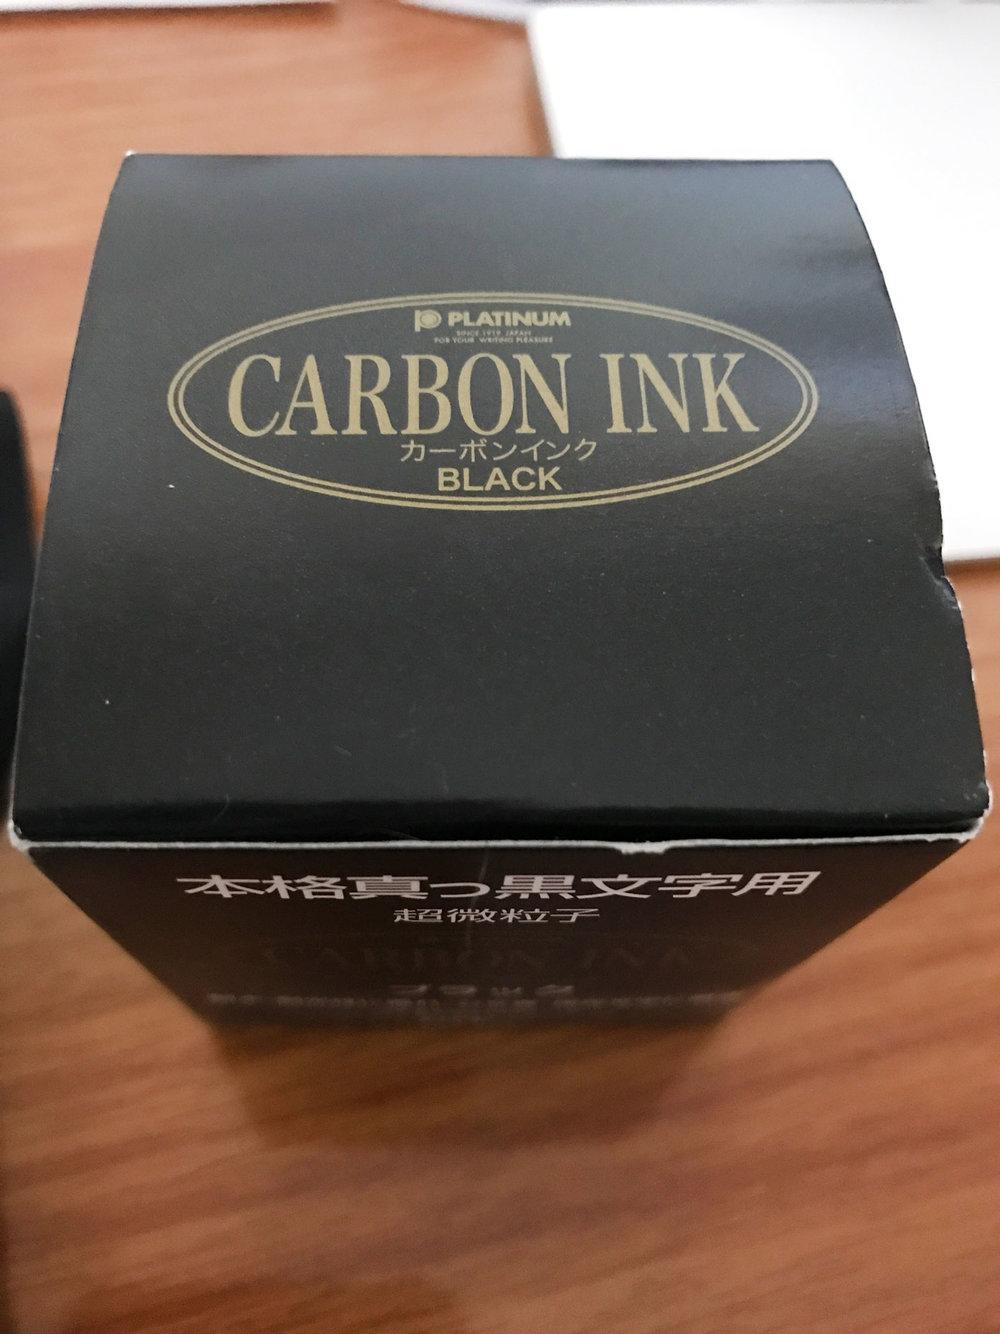 Platinum Carbon Ink Box